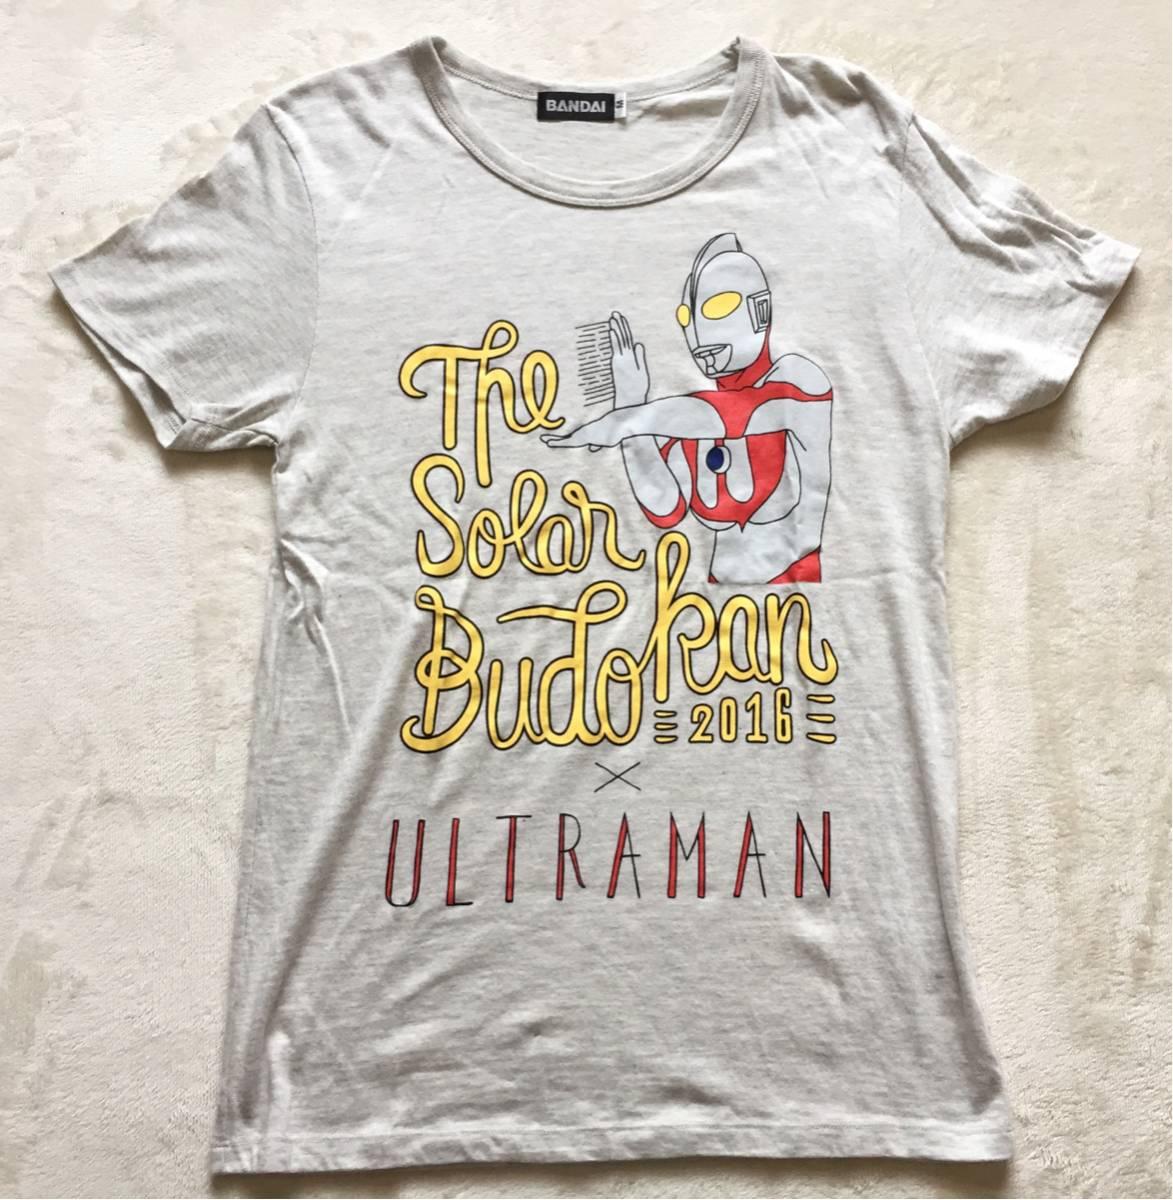 【貴重】中津川ソーラー ブドウカン 2016 コラボ 限定 ウルトラマン 半袖 Tシャツ M グッズ